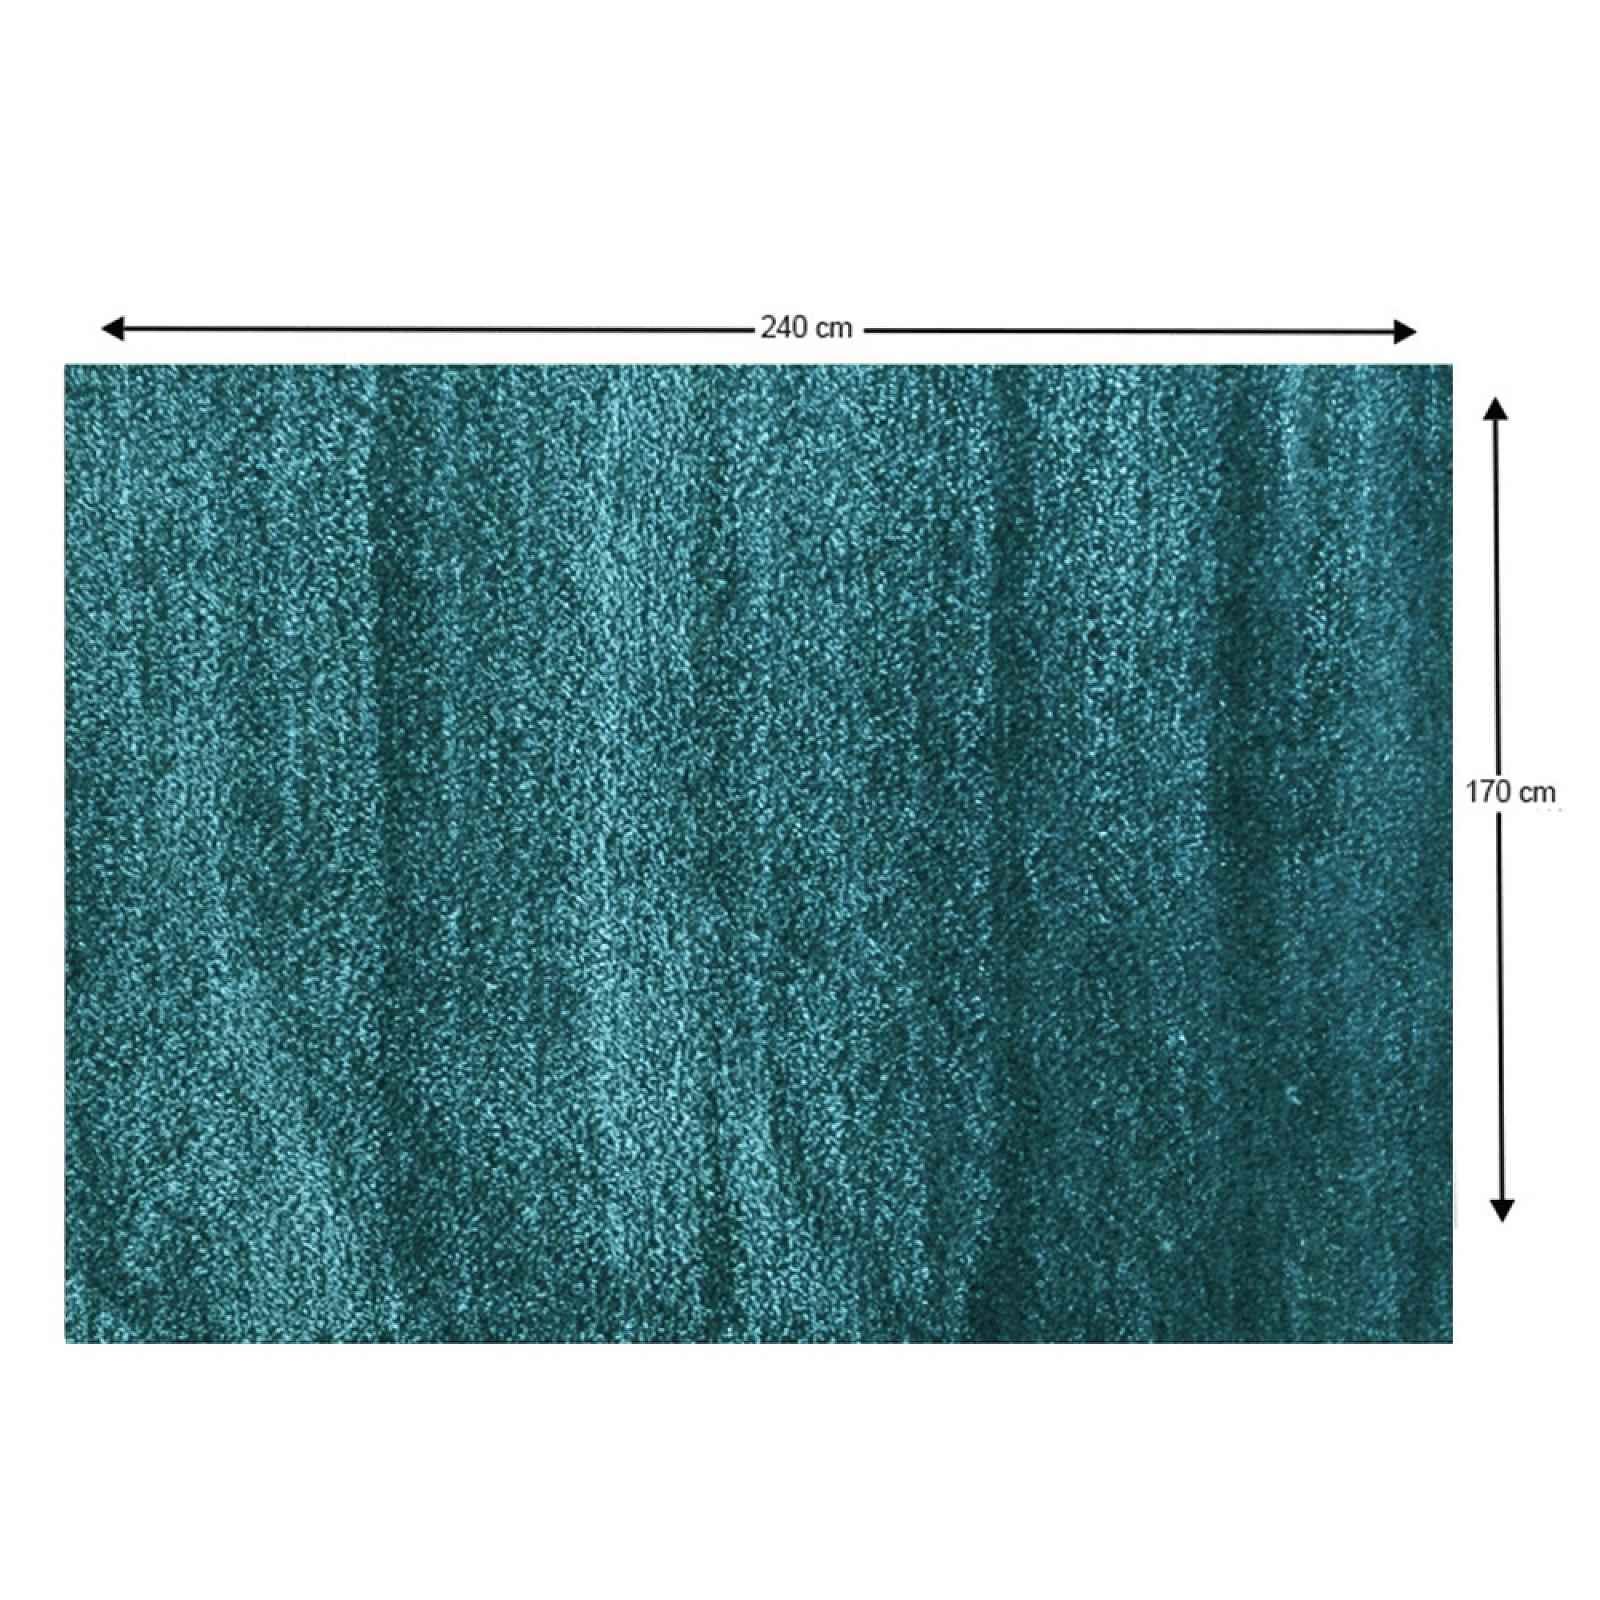 Shaggy koberec ARUNA tyrkysová Tempo Kondela 170x240 cm